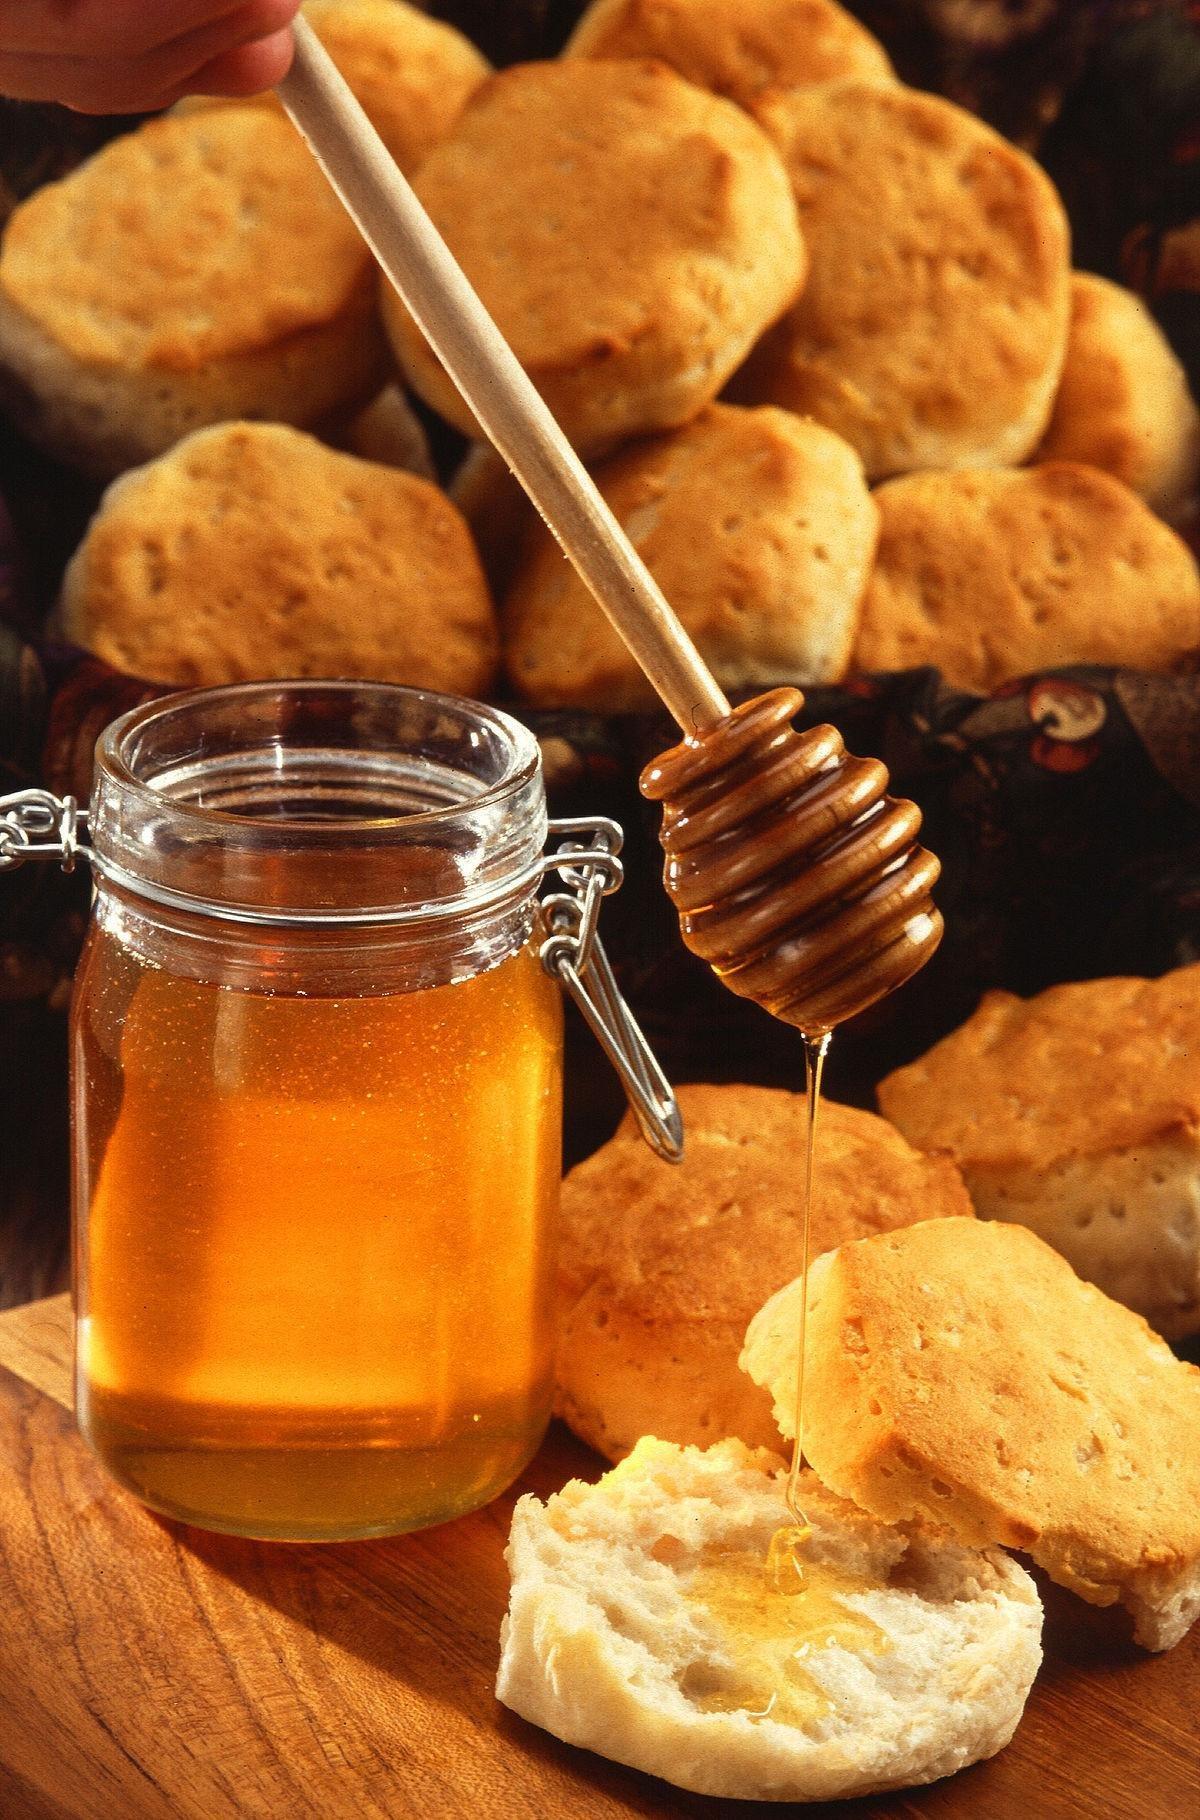 Honey - Wikipedia